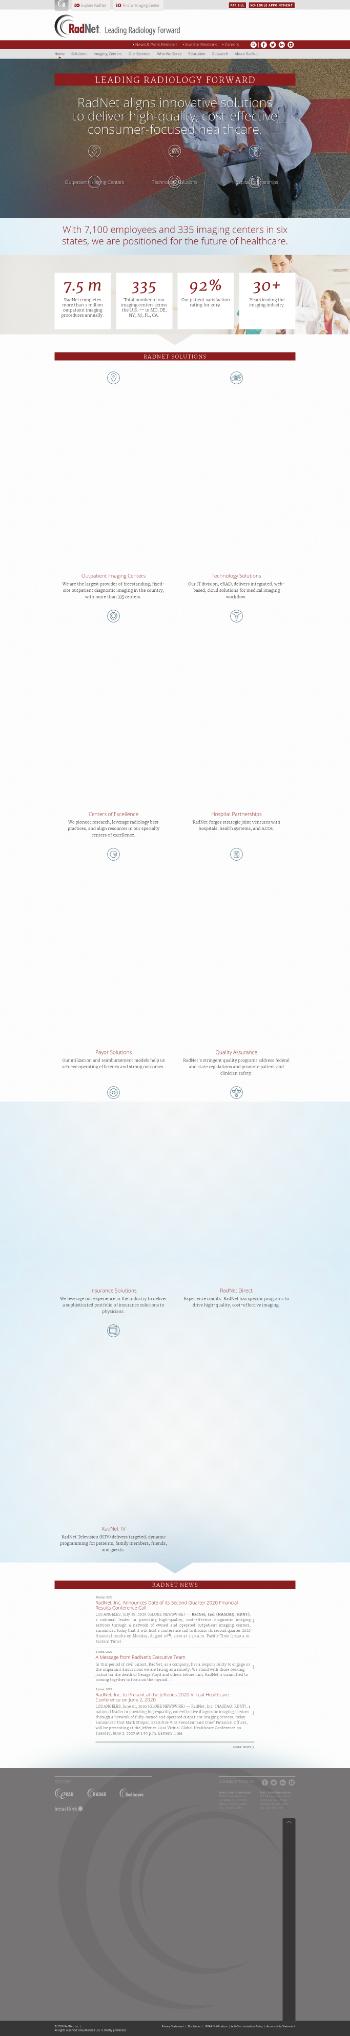 RadNet, Inc. Website Screenshot